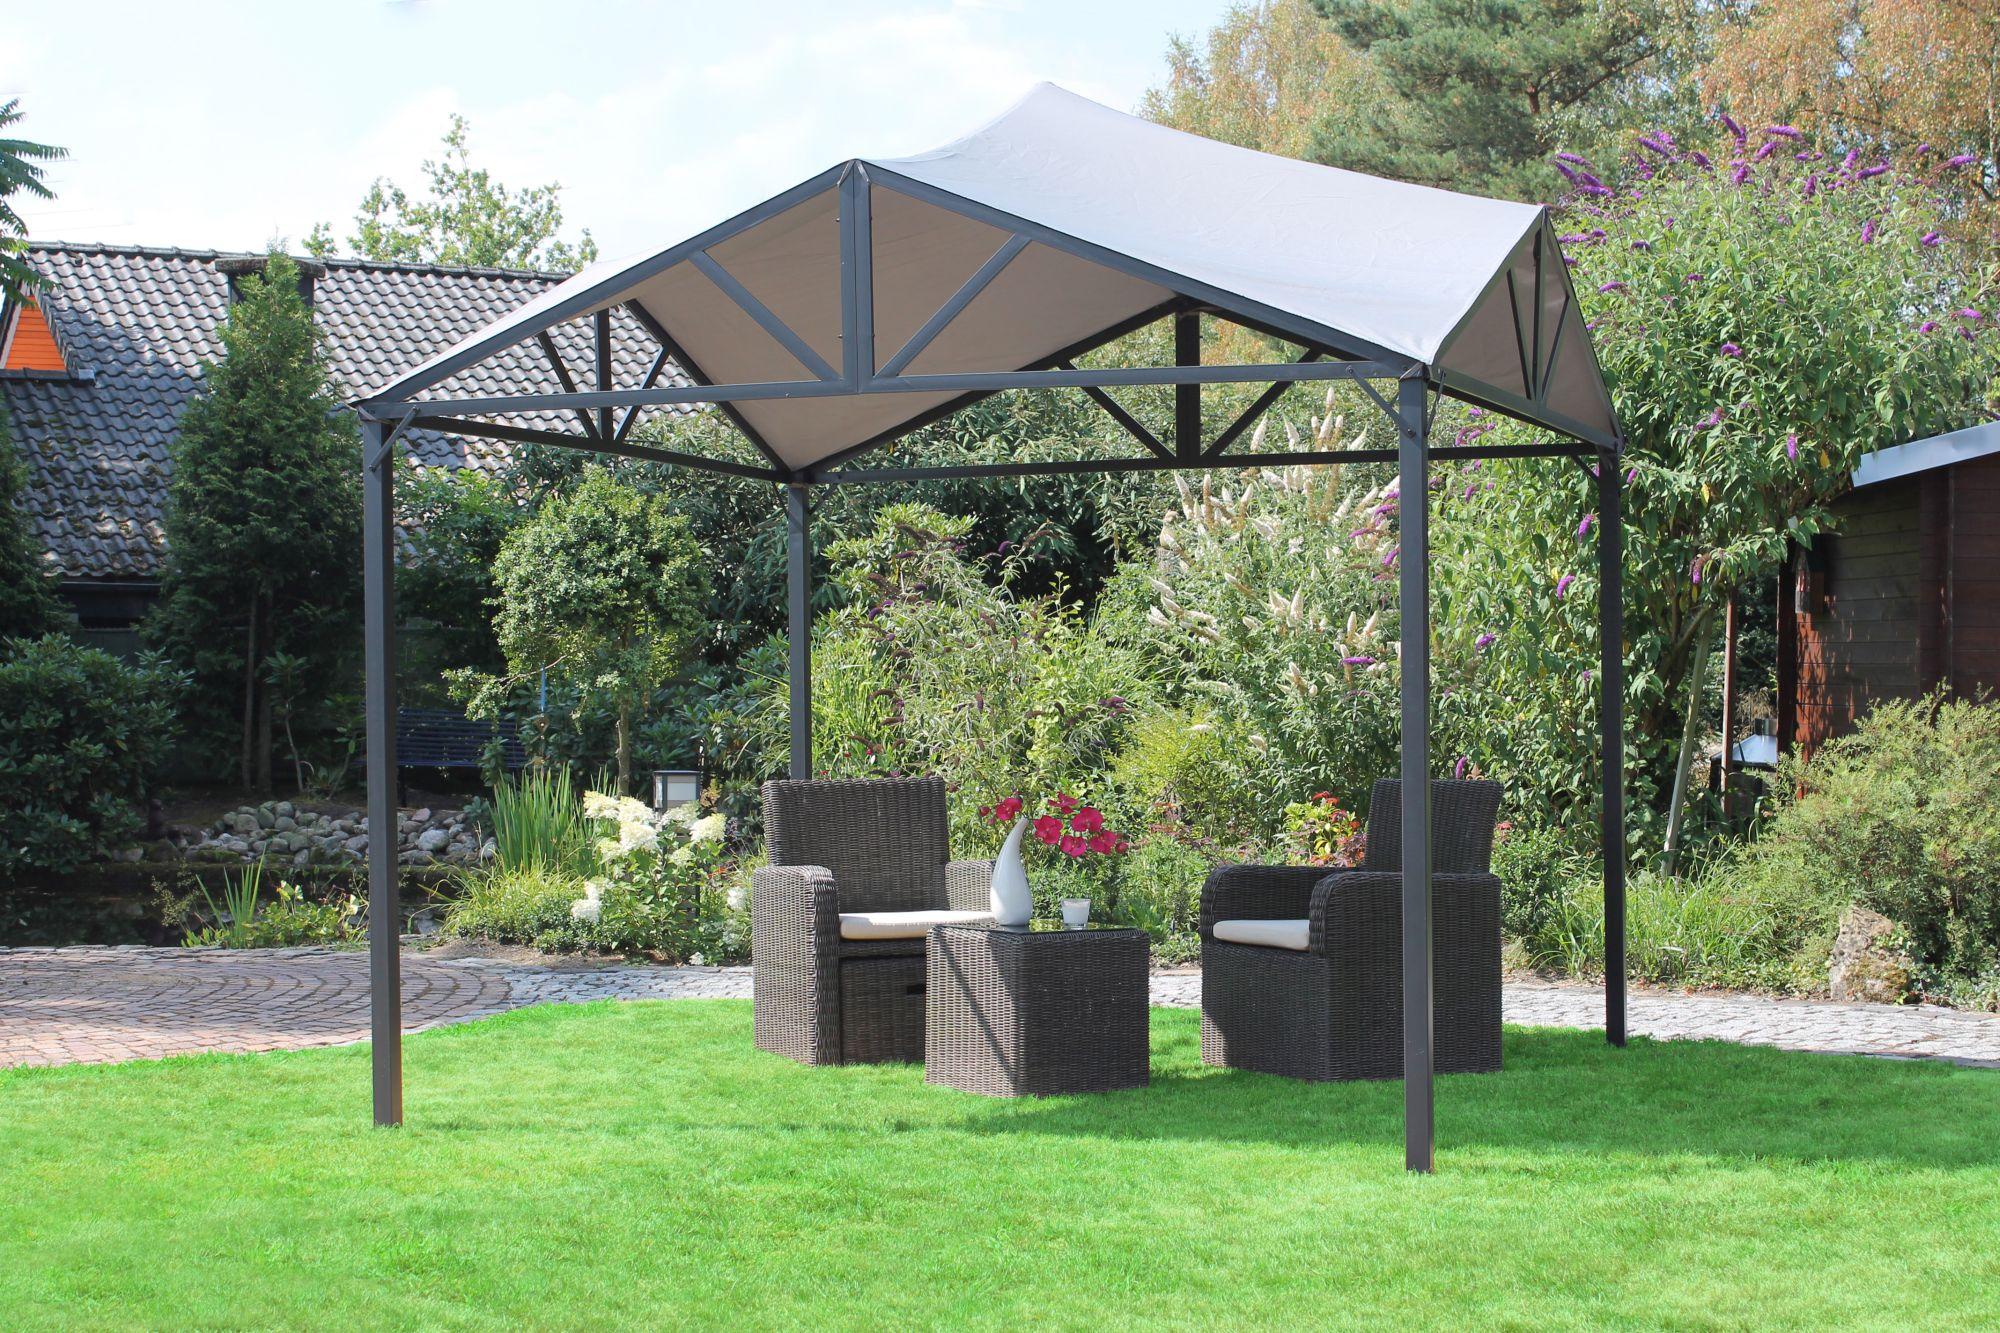 Full Size of Gartenüberdachung Leco Solar Pavillon Lina Dach Terrasse Garten Berdachung Garten Gartenüberdachung